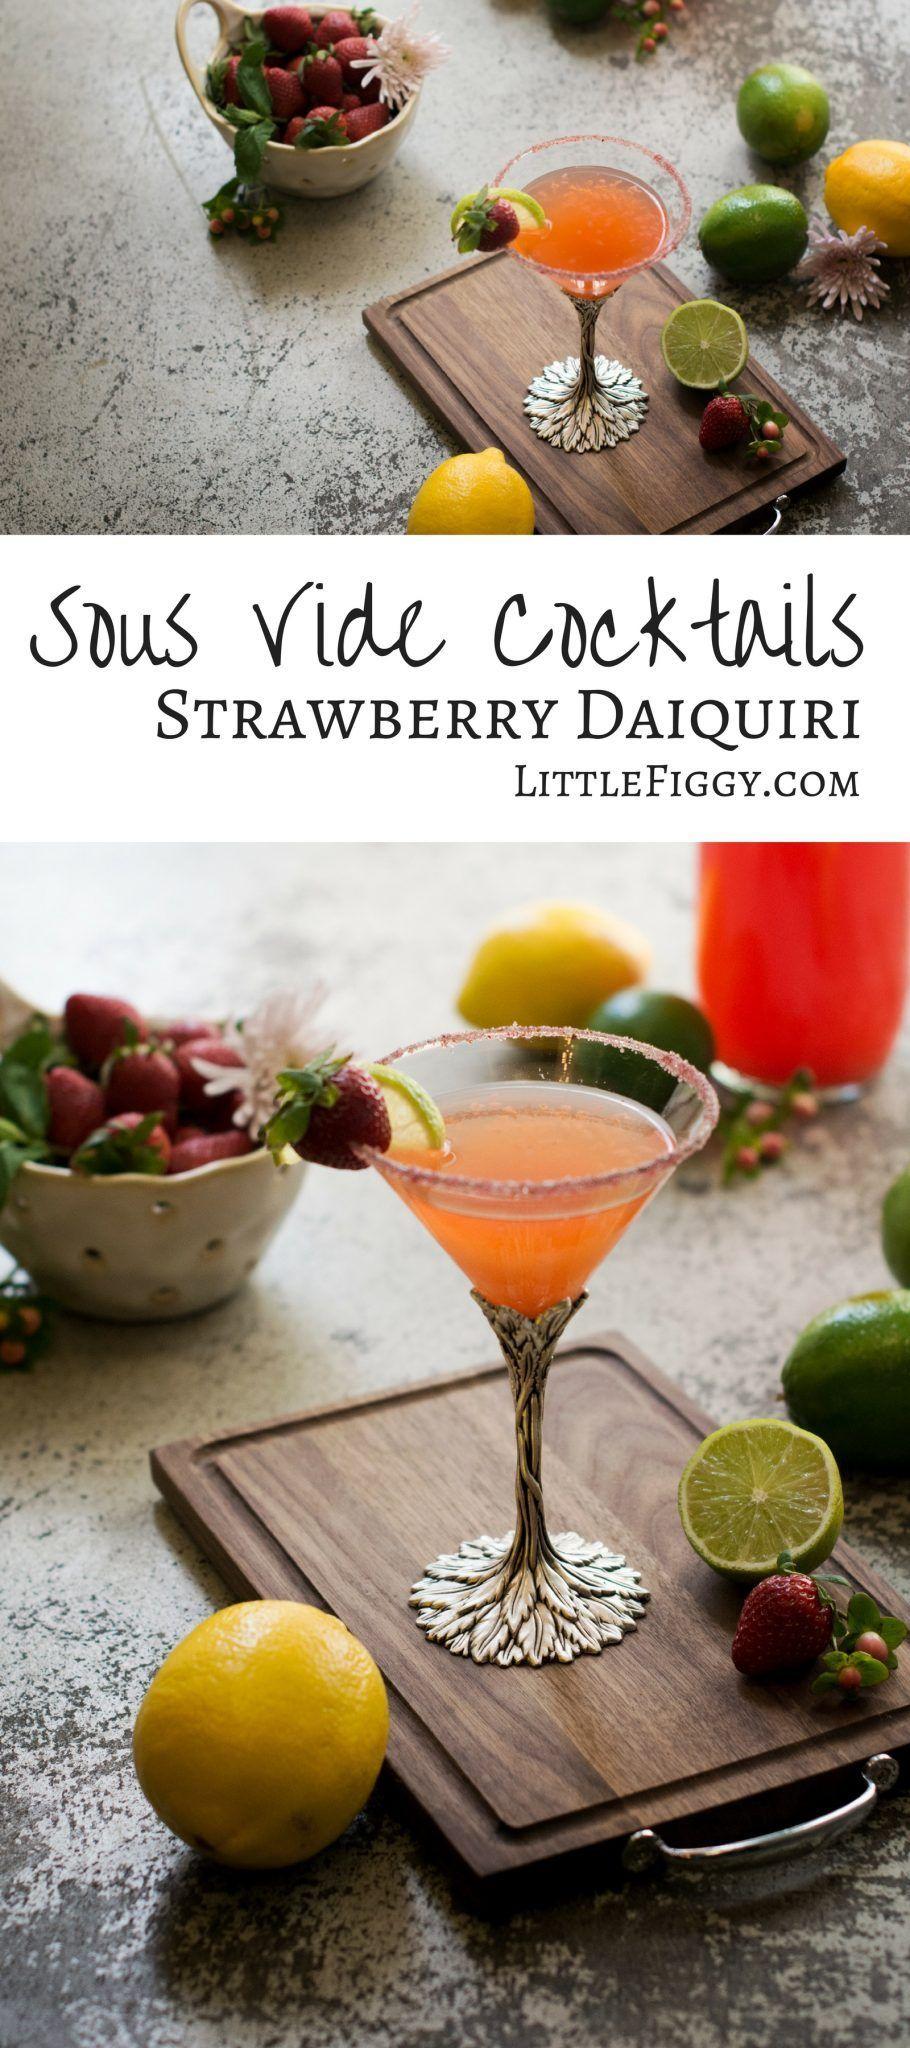 Verschiedene Strawberry Daiquiri Rezept Ideen Von Vide Cocktails: | | Get Drunk! |